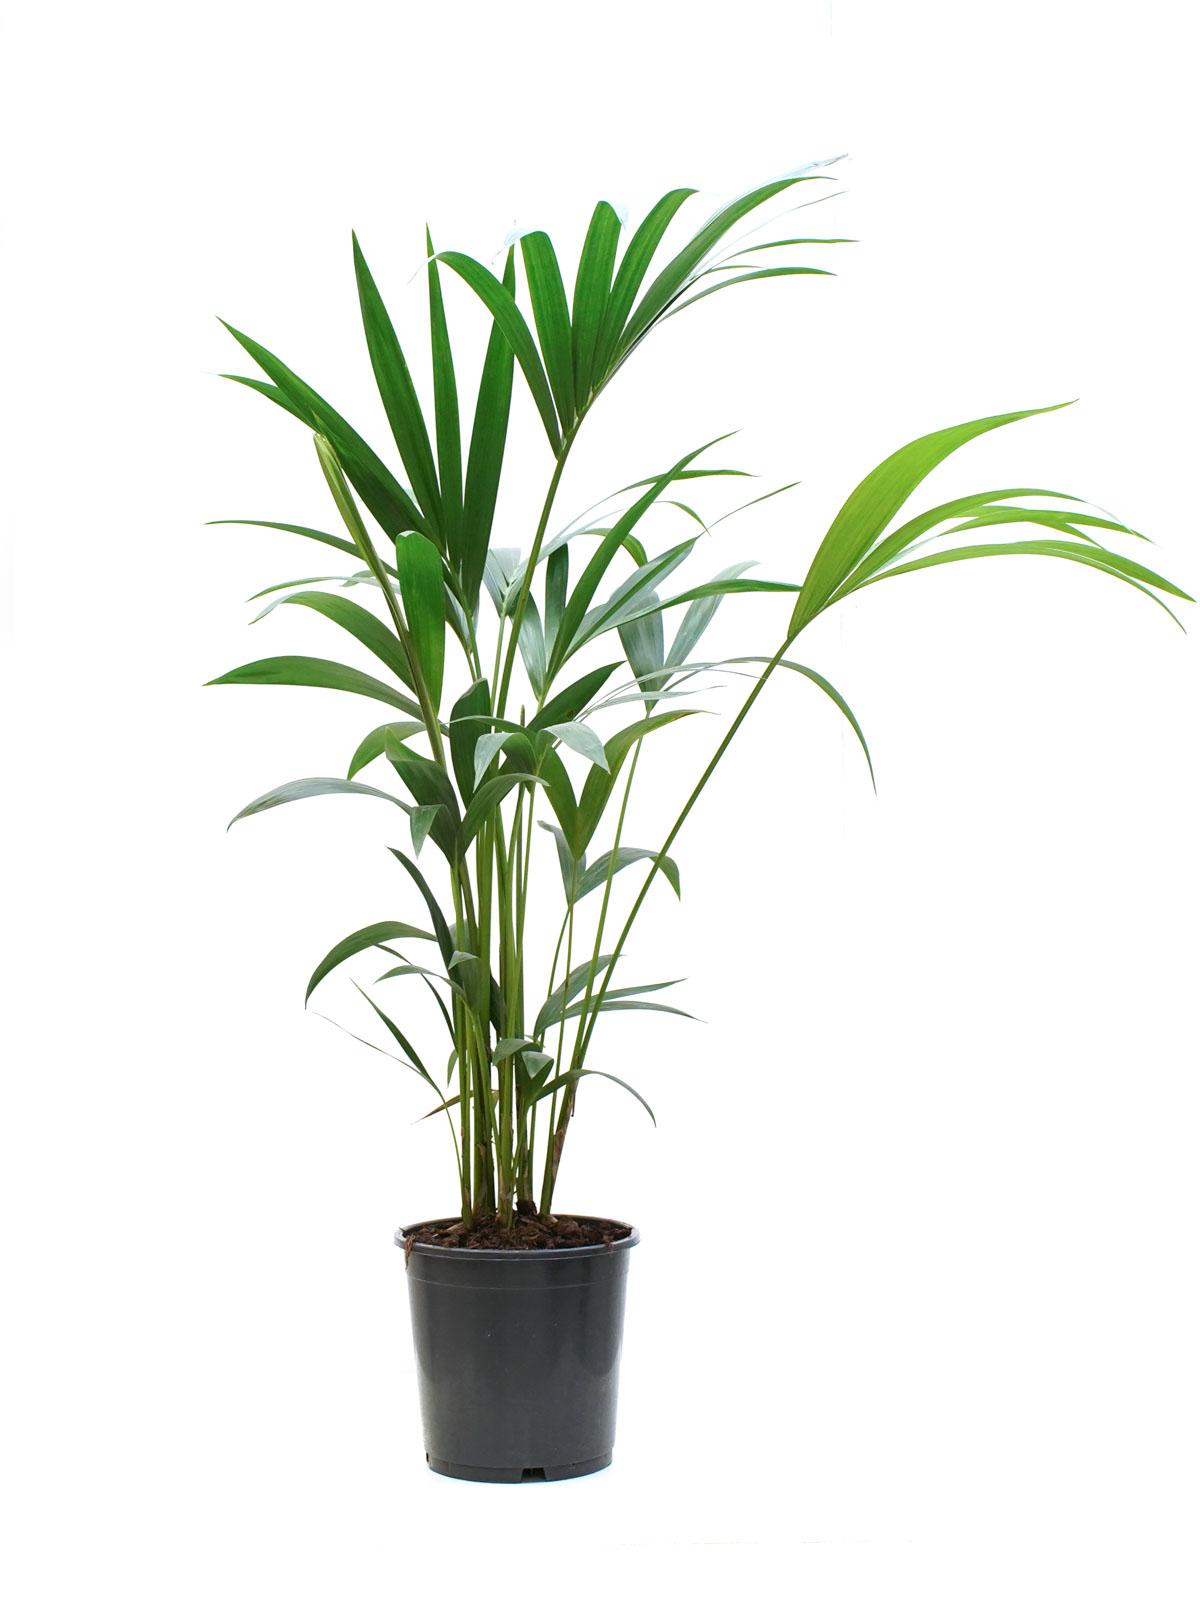 Howea Forsteriana (kentia) 'Indoor Plants'